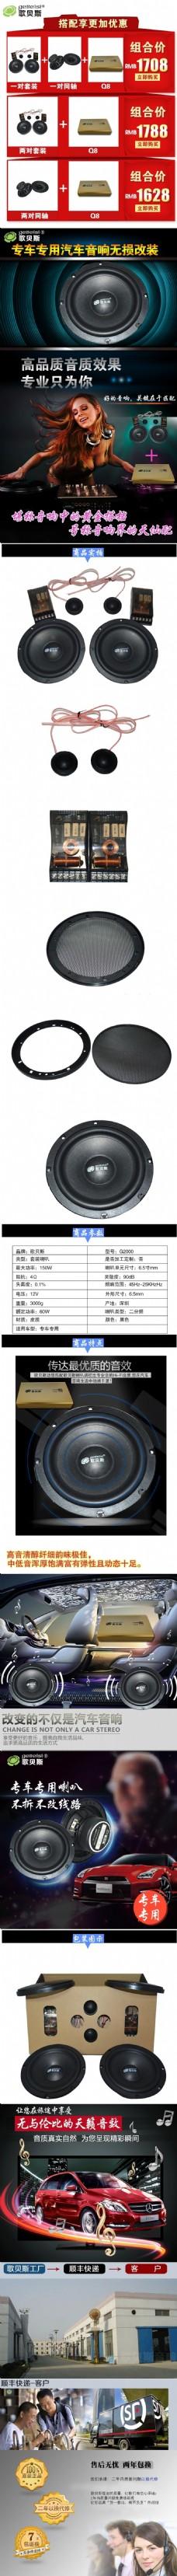 原创淘宝天猫汽车功放详情页宣传广告图